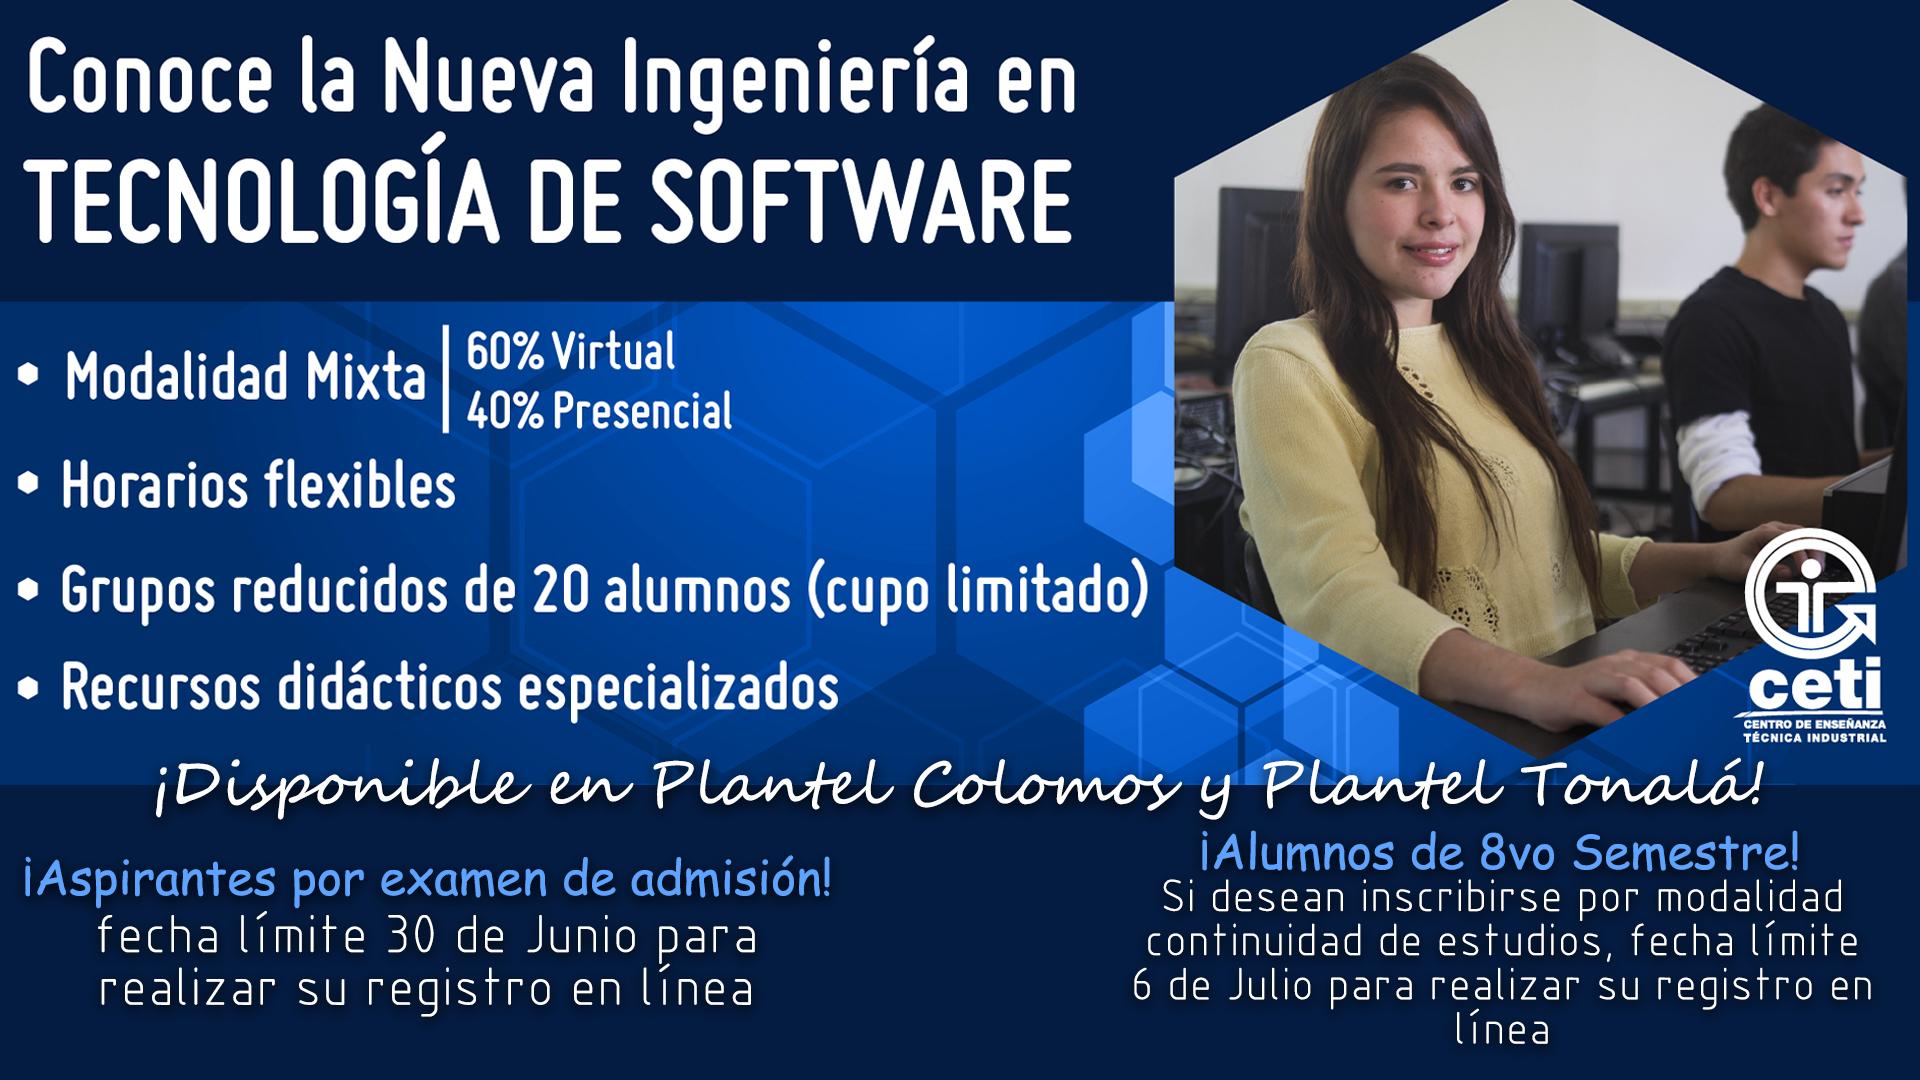 Tecnología de Software